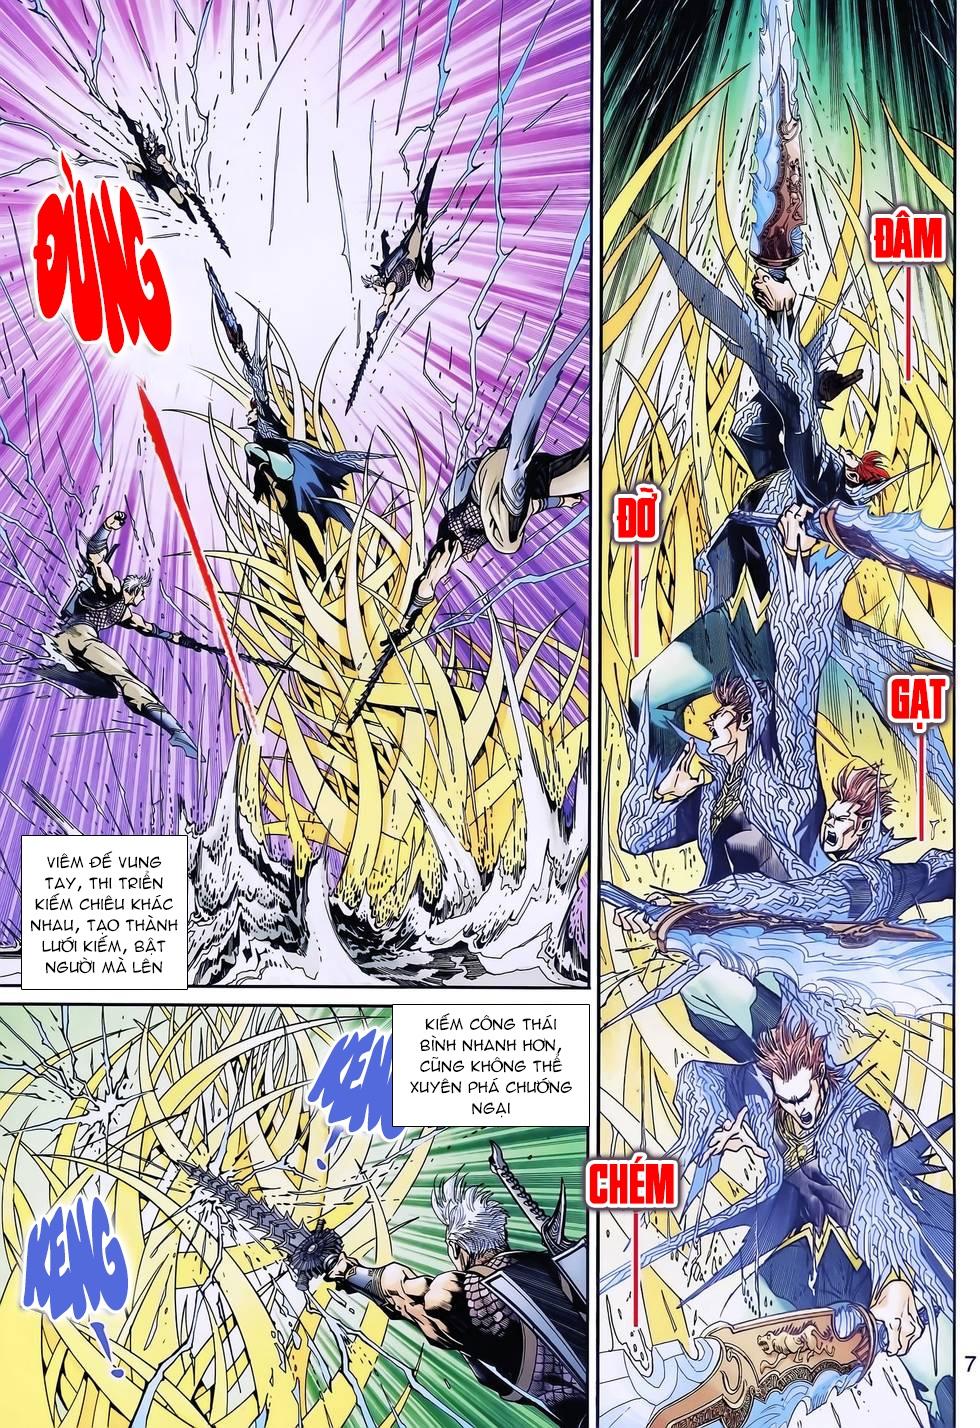 Thần binh huyền kỳ 3 - 3.5 tập 146 - 6